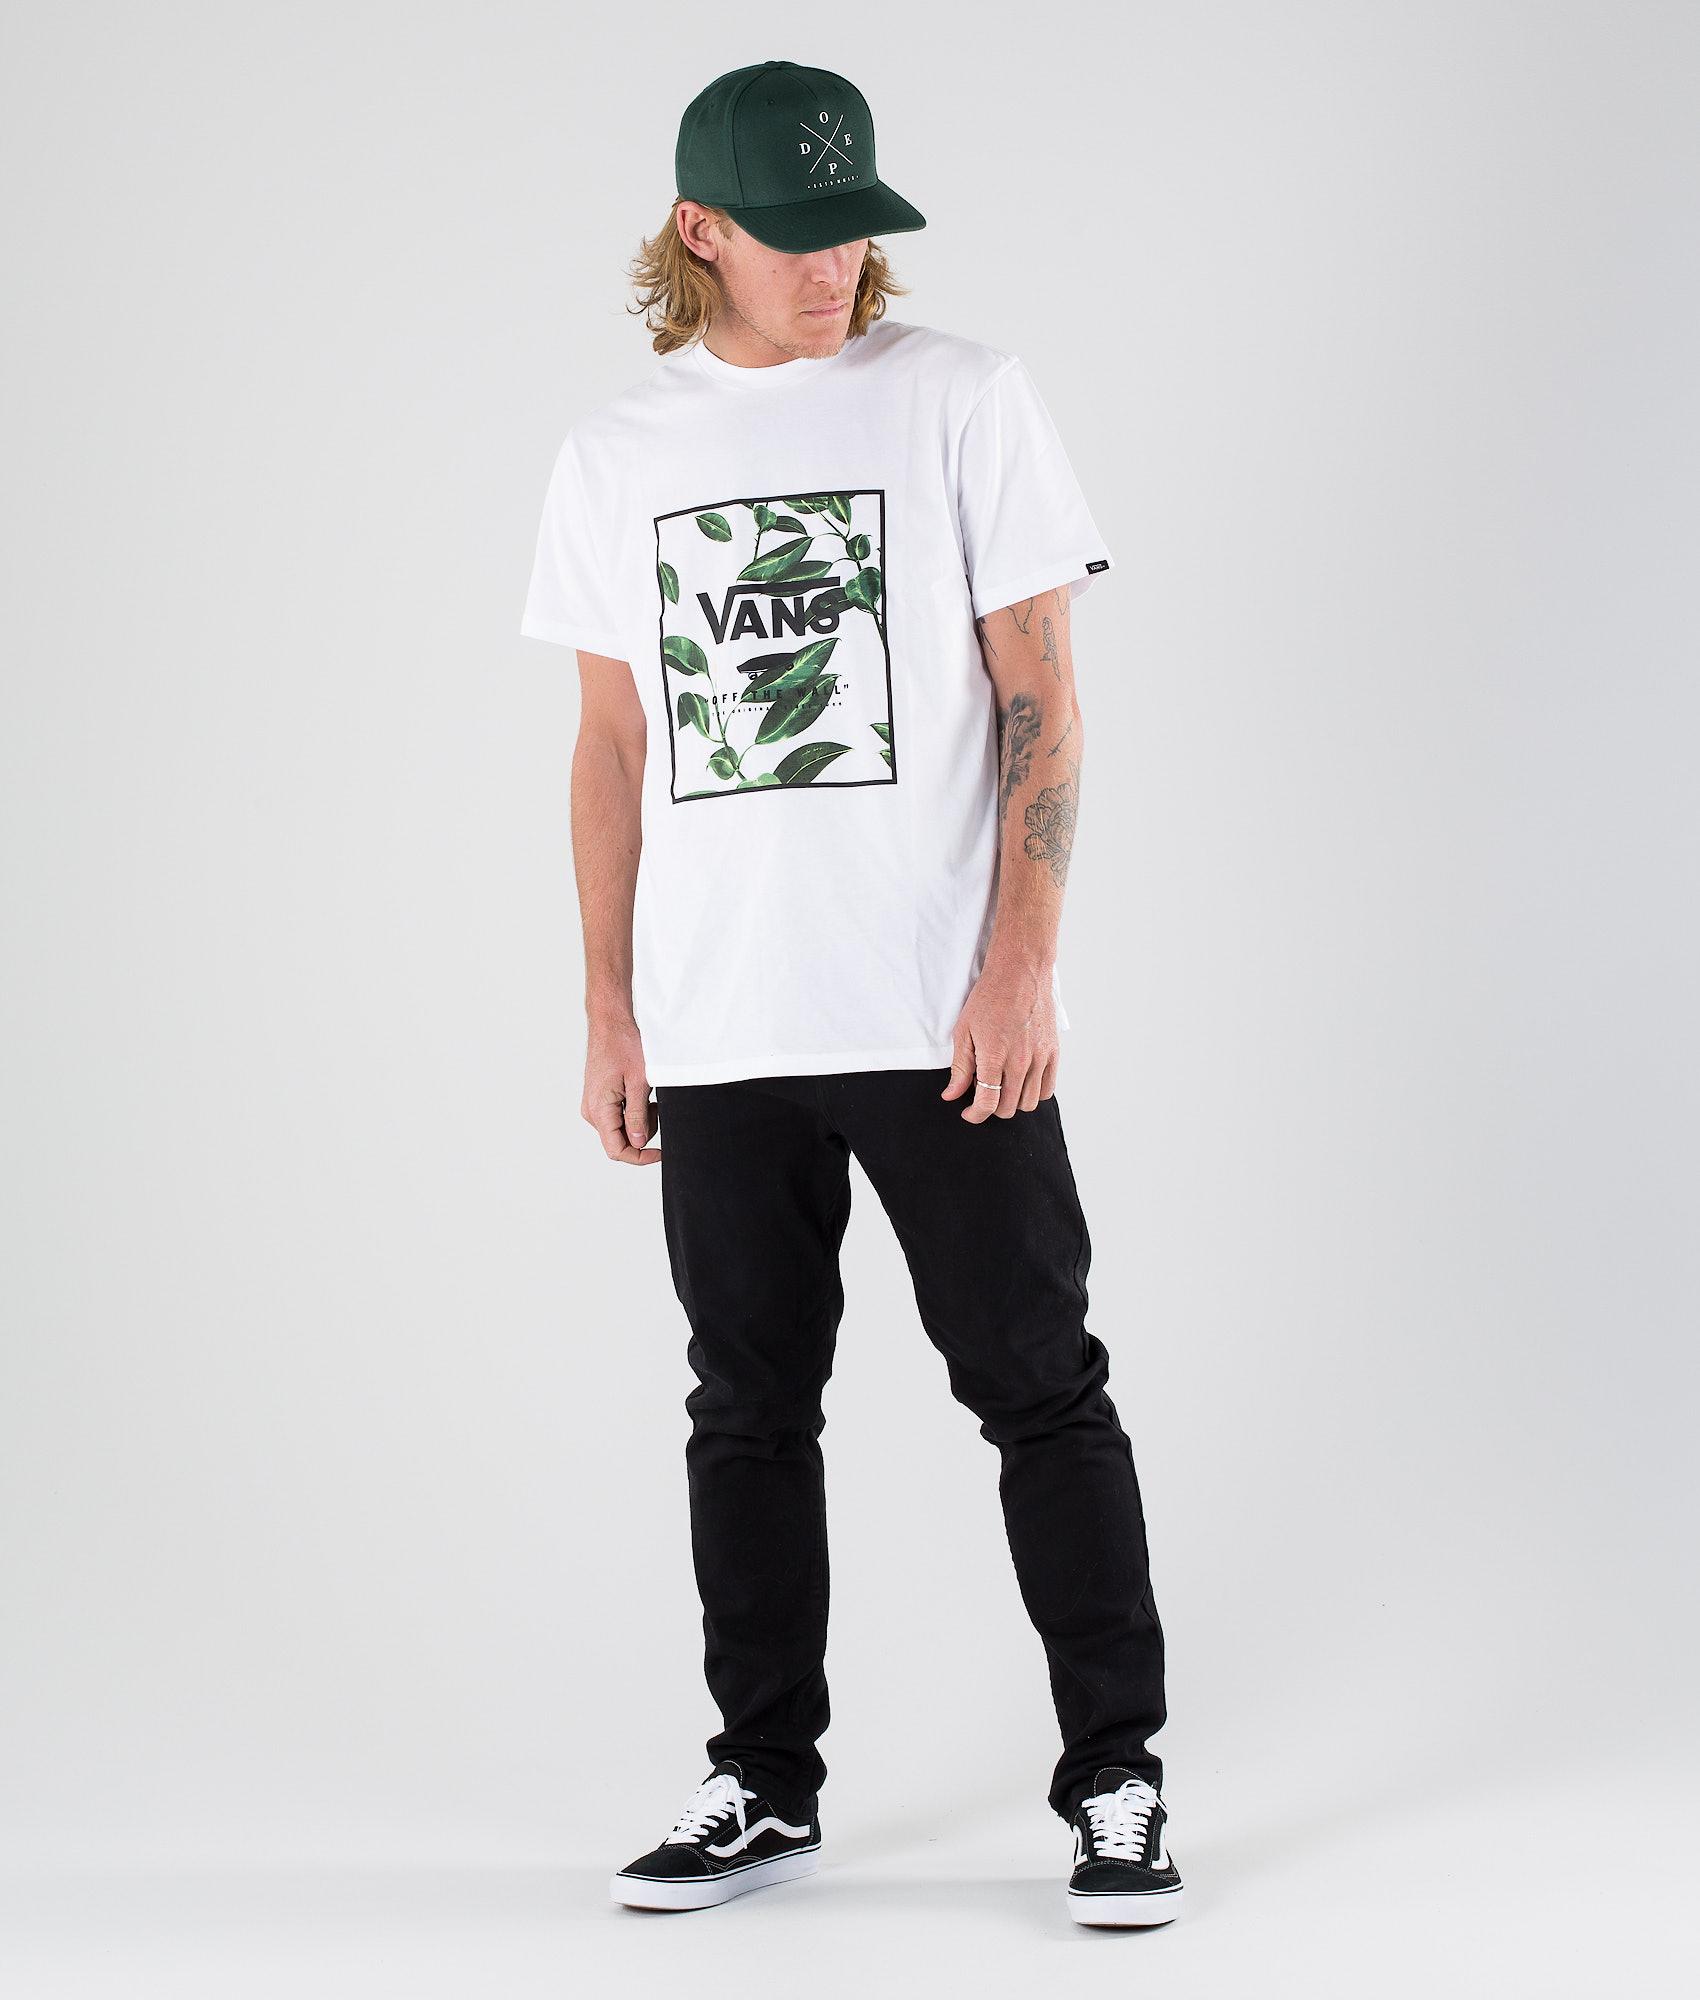 913ec35fc Vans Print Box T-shirt White/Rubber Co. Floral - Ridestore.com